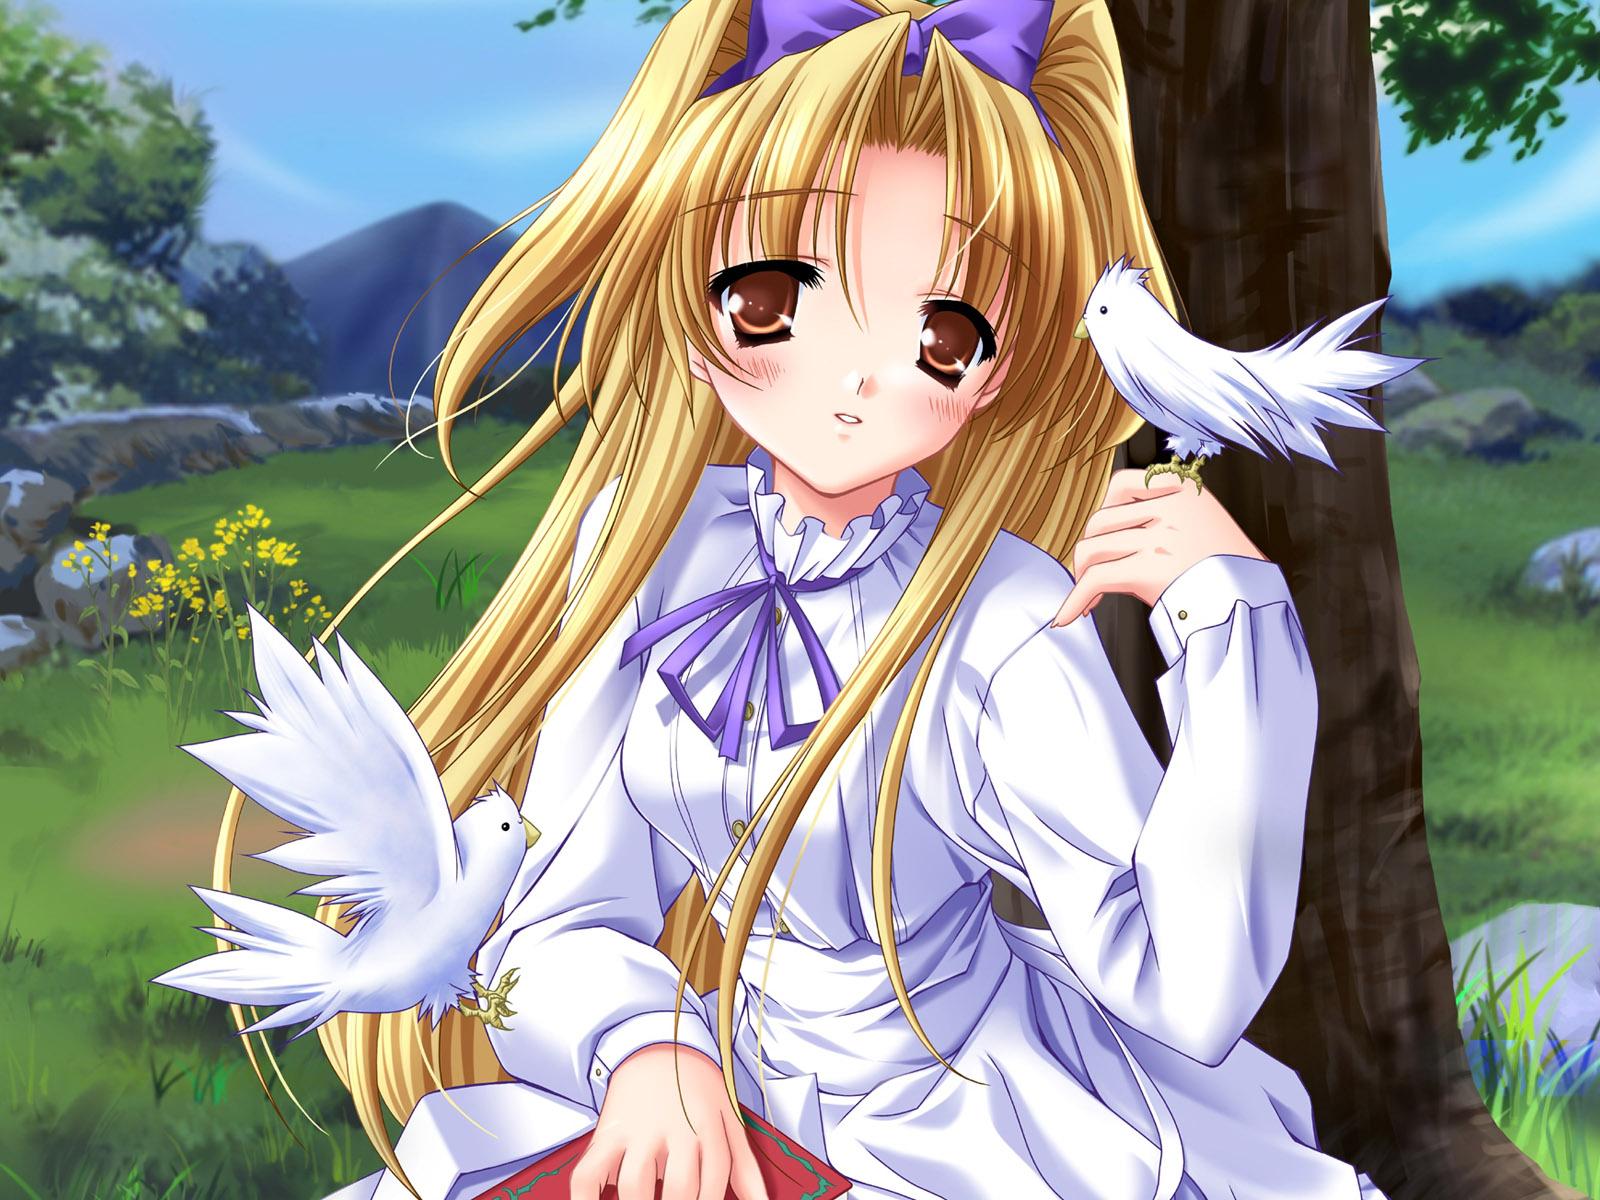 Anime Girls 17 Desktop Wallpaper